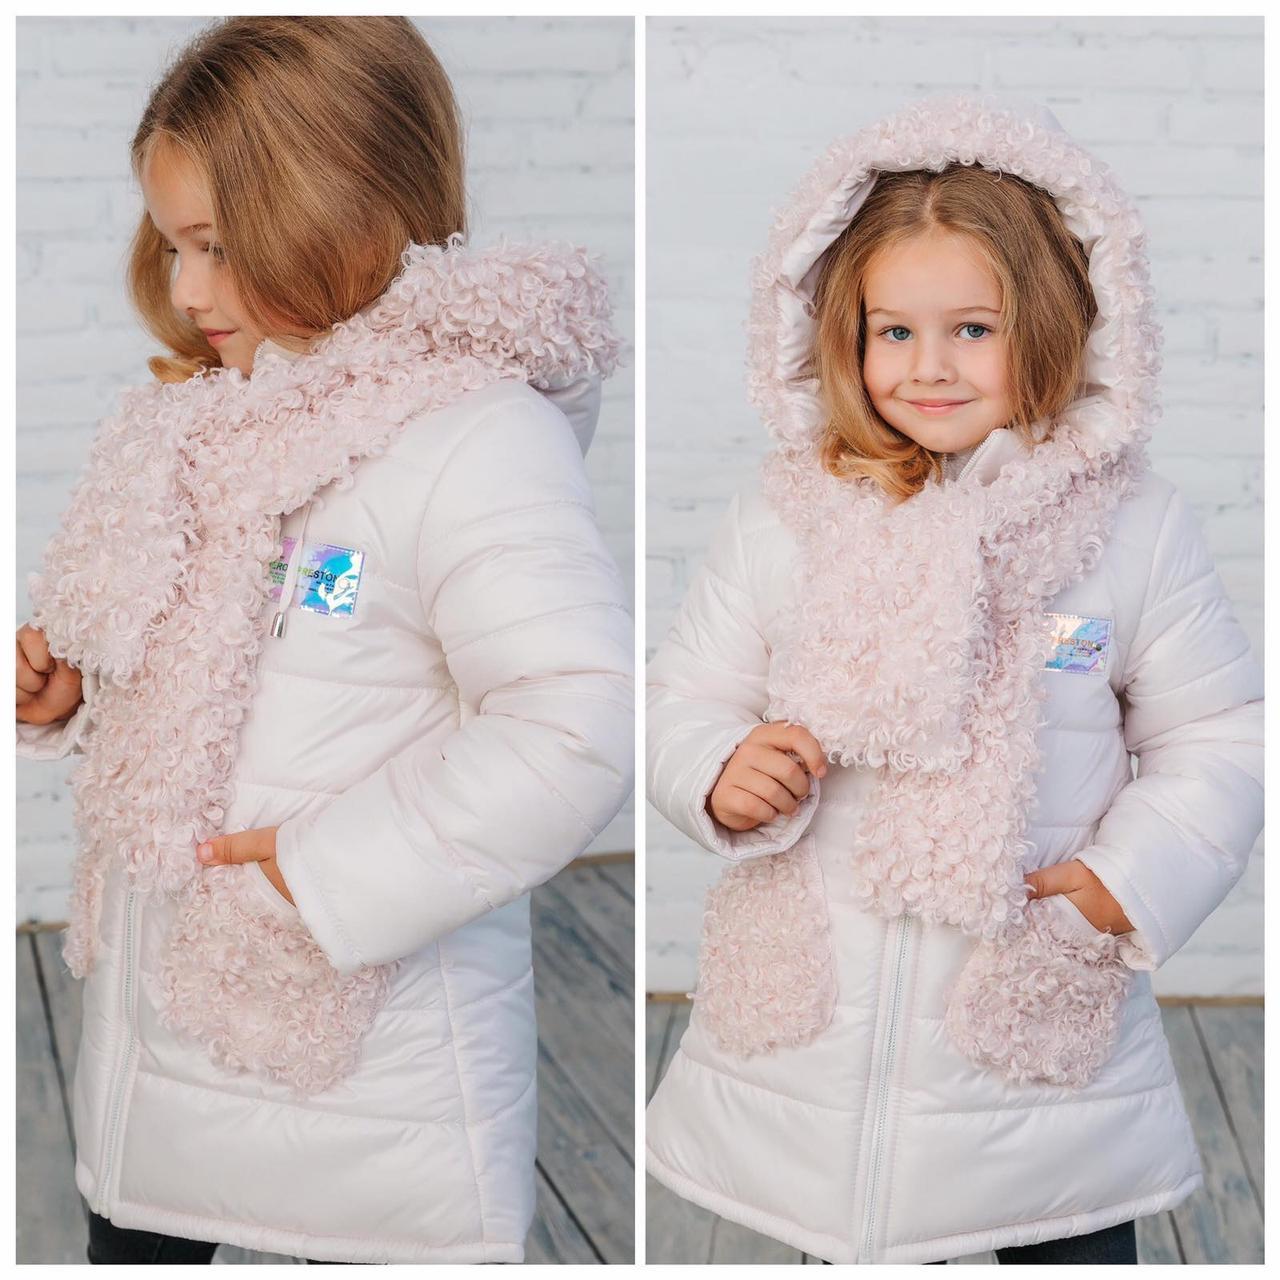 Зимняя курточка на девочку в комплекте с шарфиком (размер 116 см)